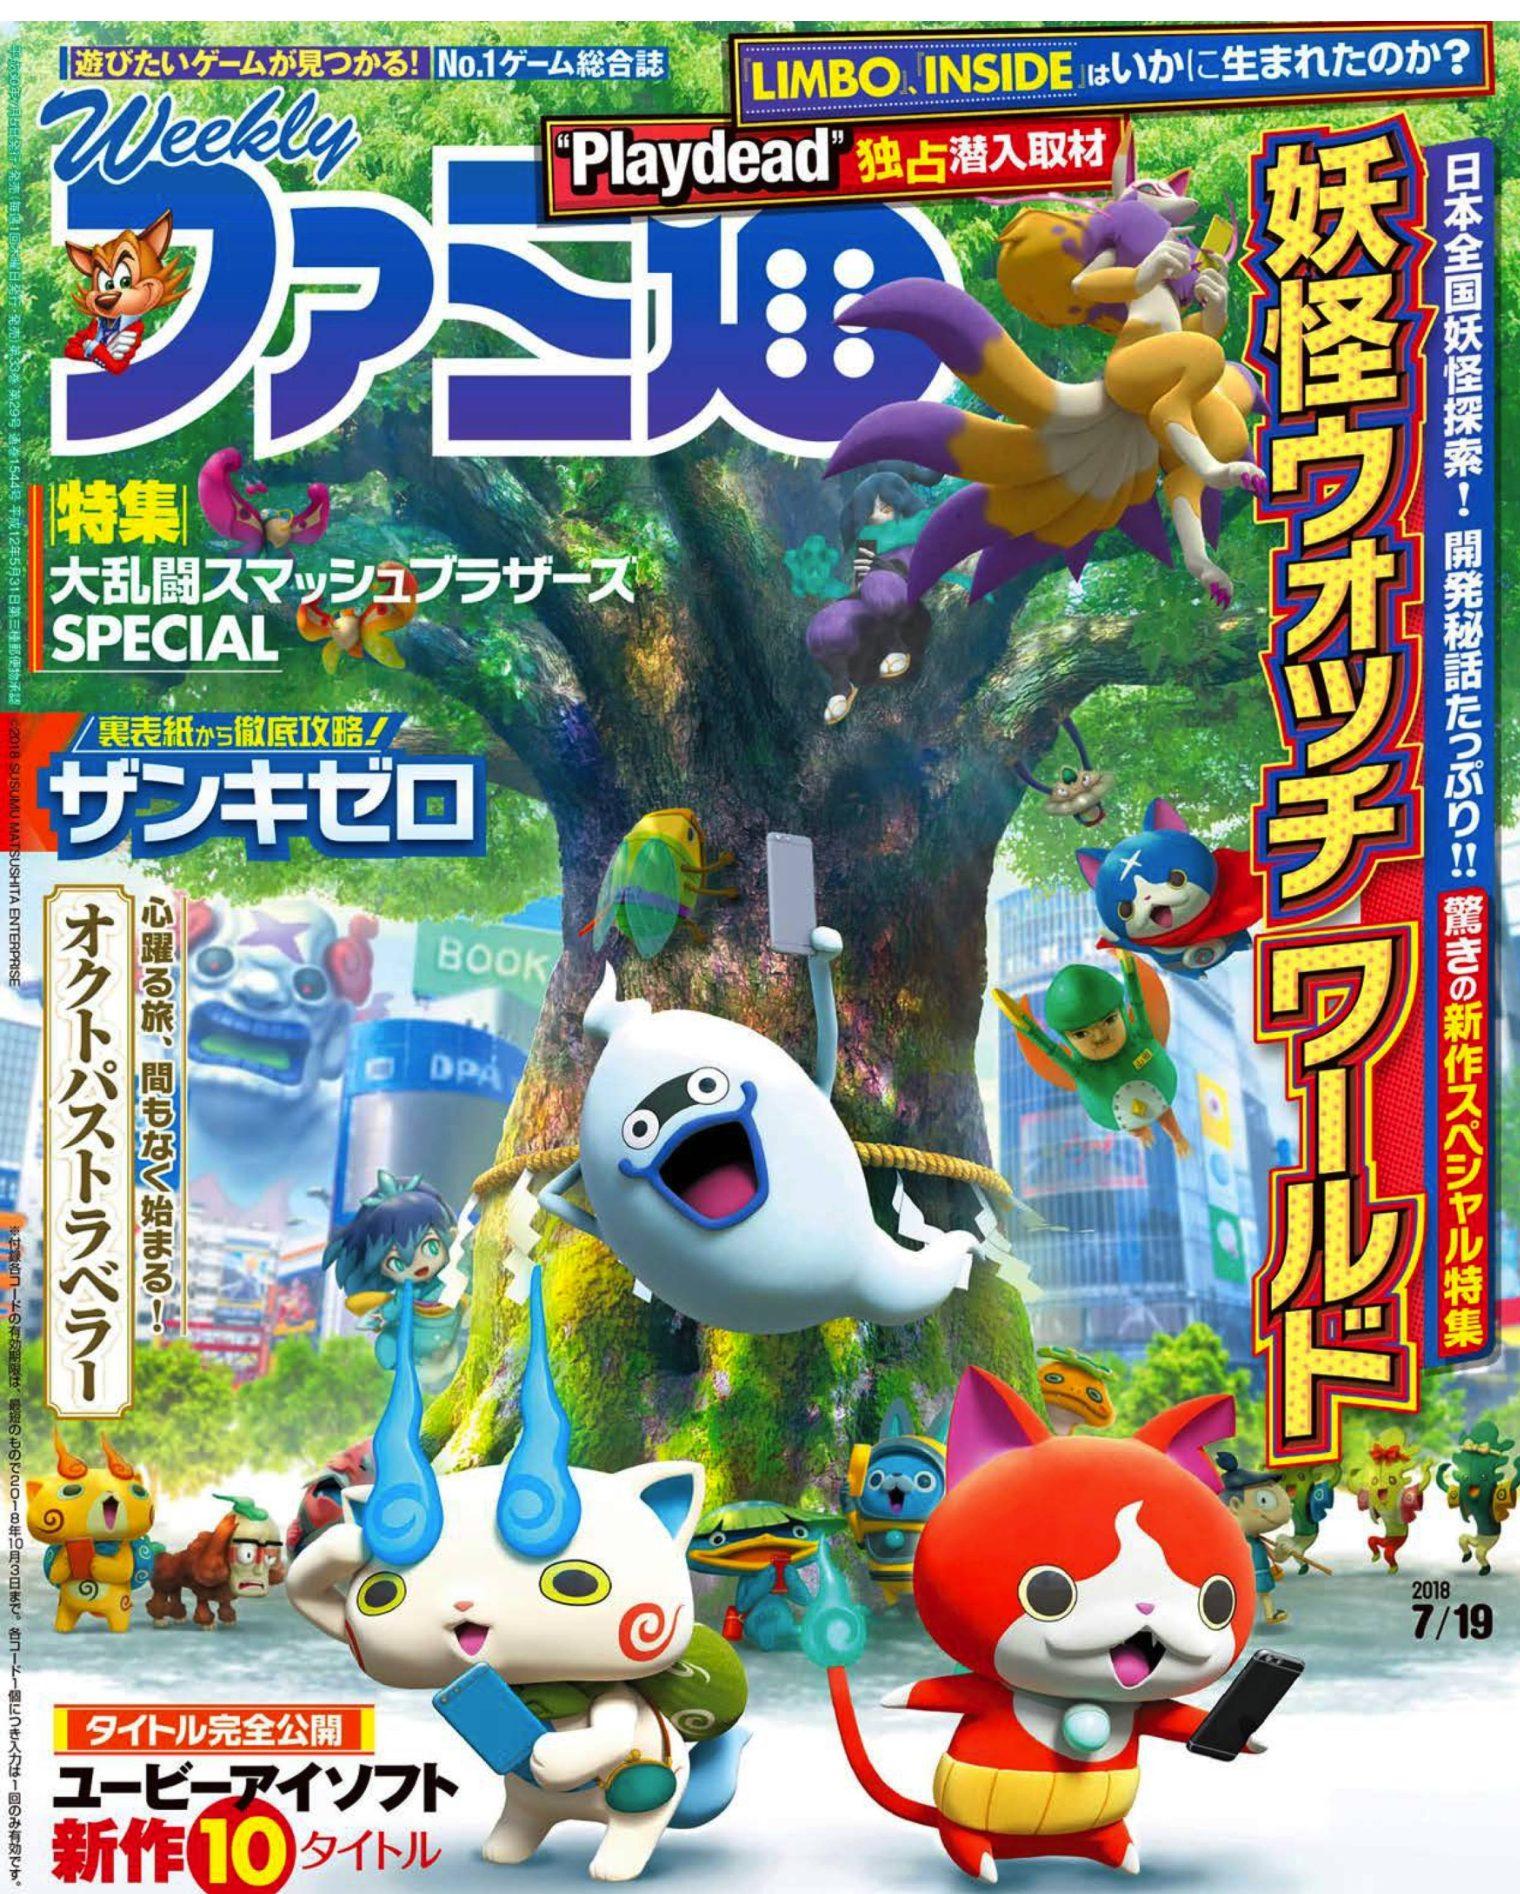 『週刊ファミ通』2018.7.19号